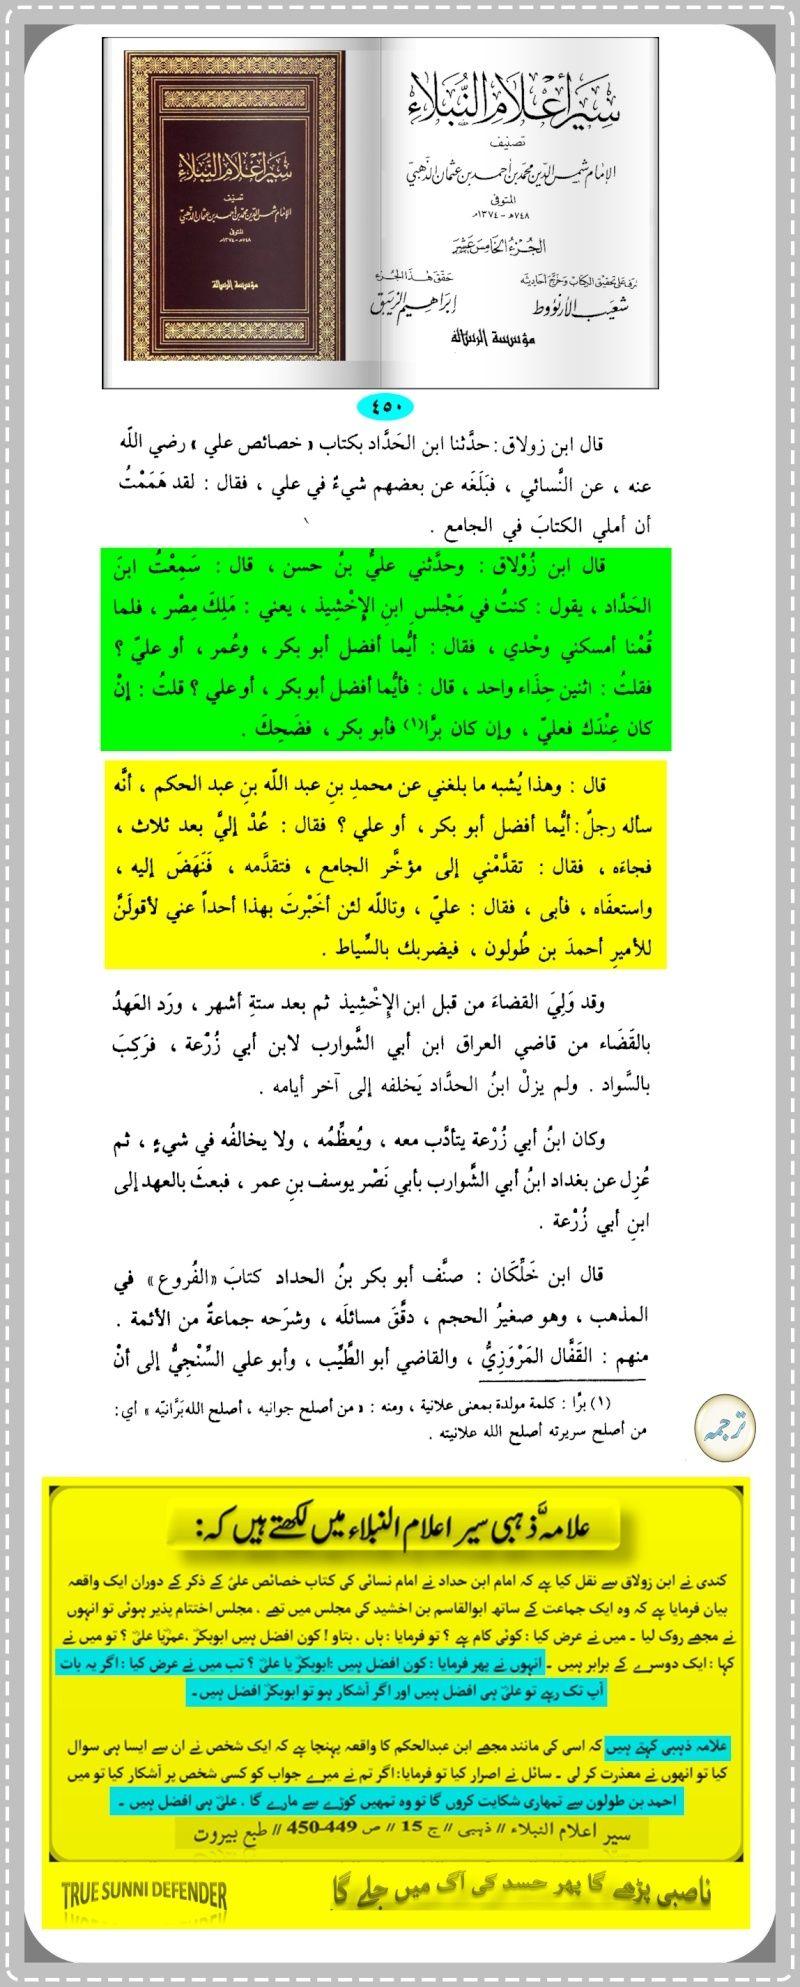 ابوبکرباقلانی 37w10